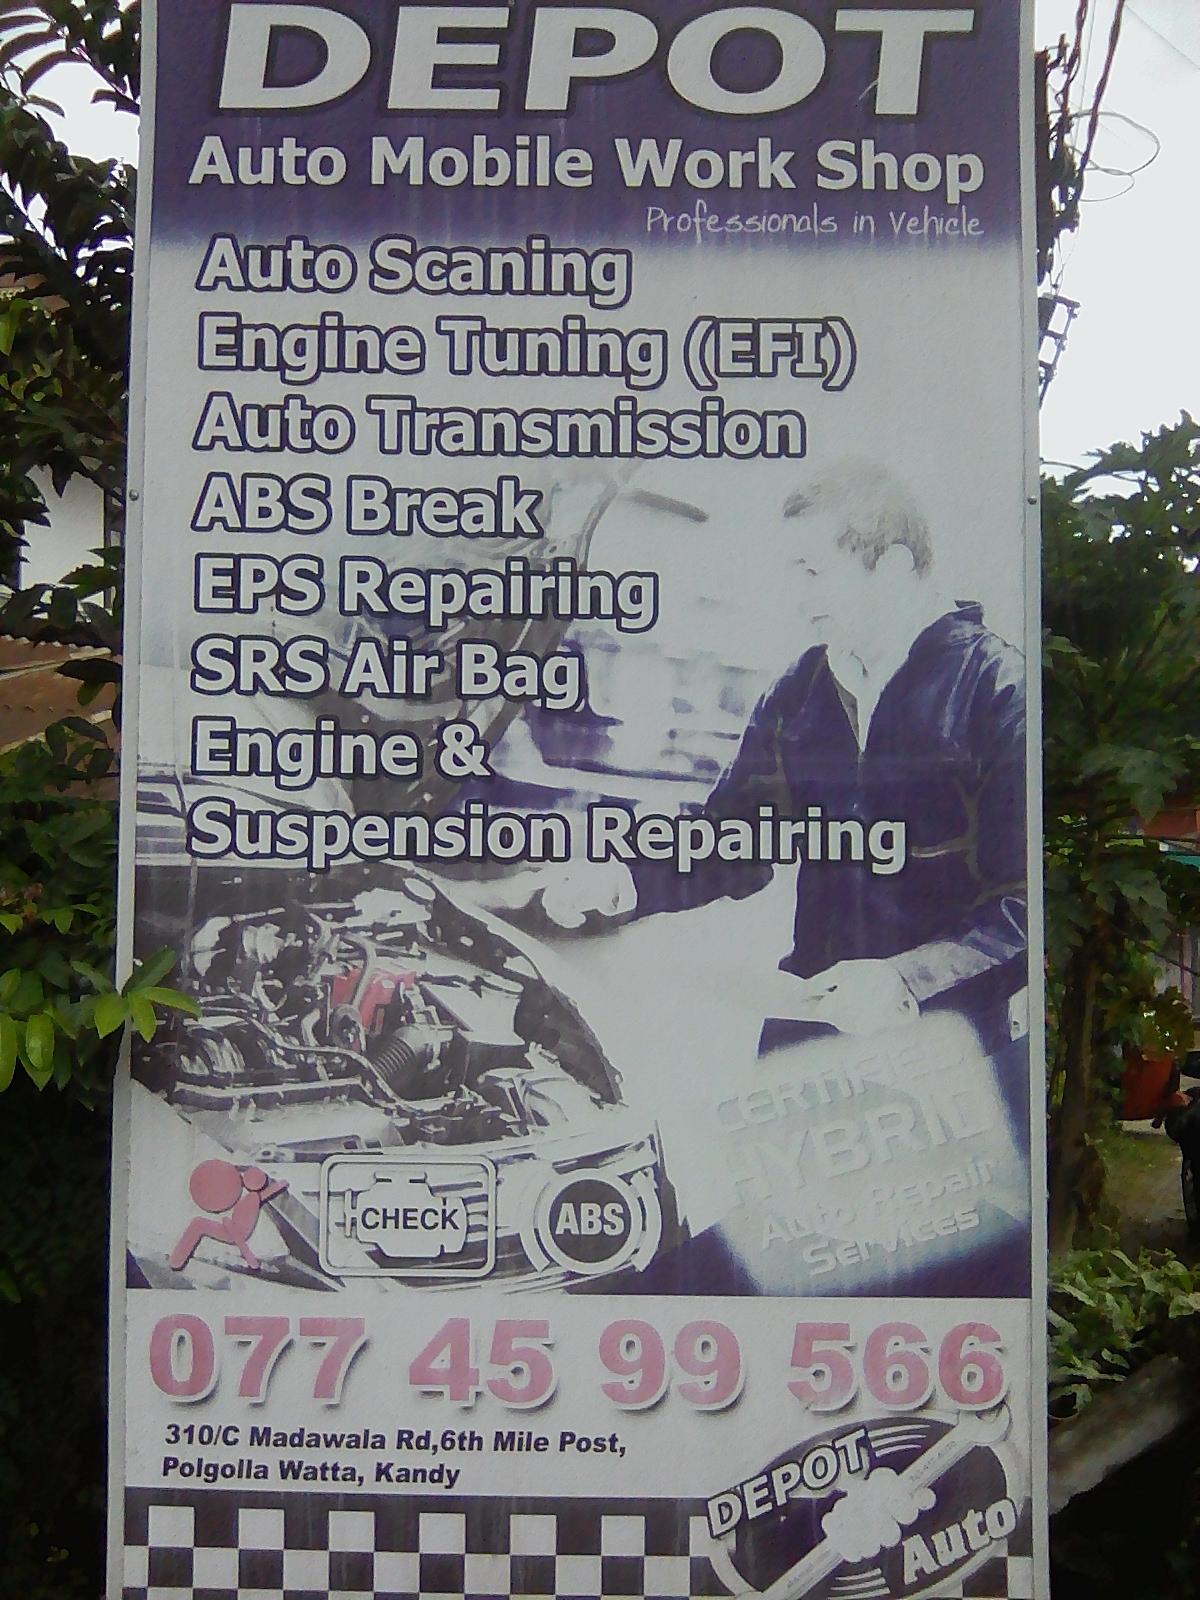 DEPOT Auto Mobile work Shop